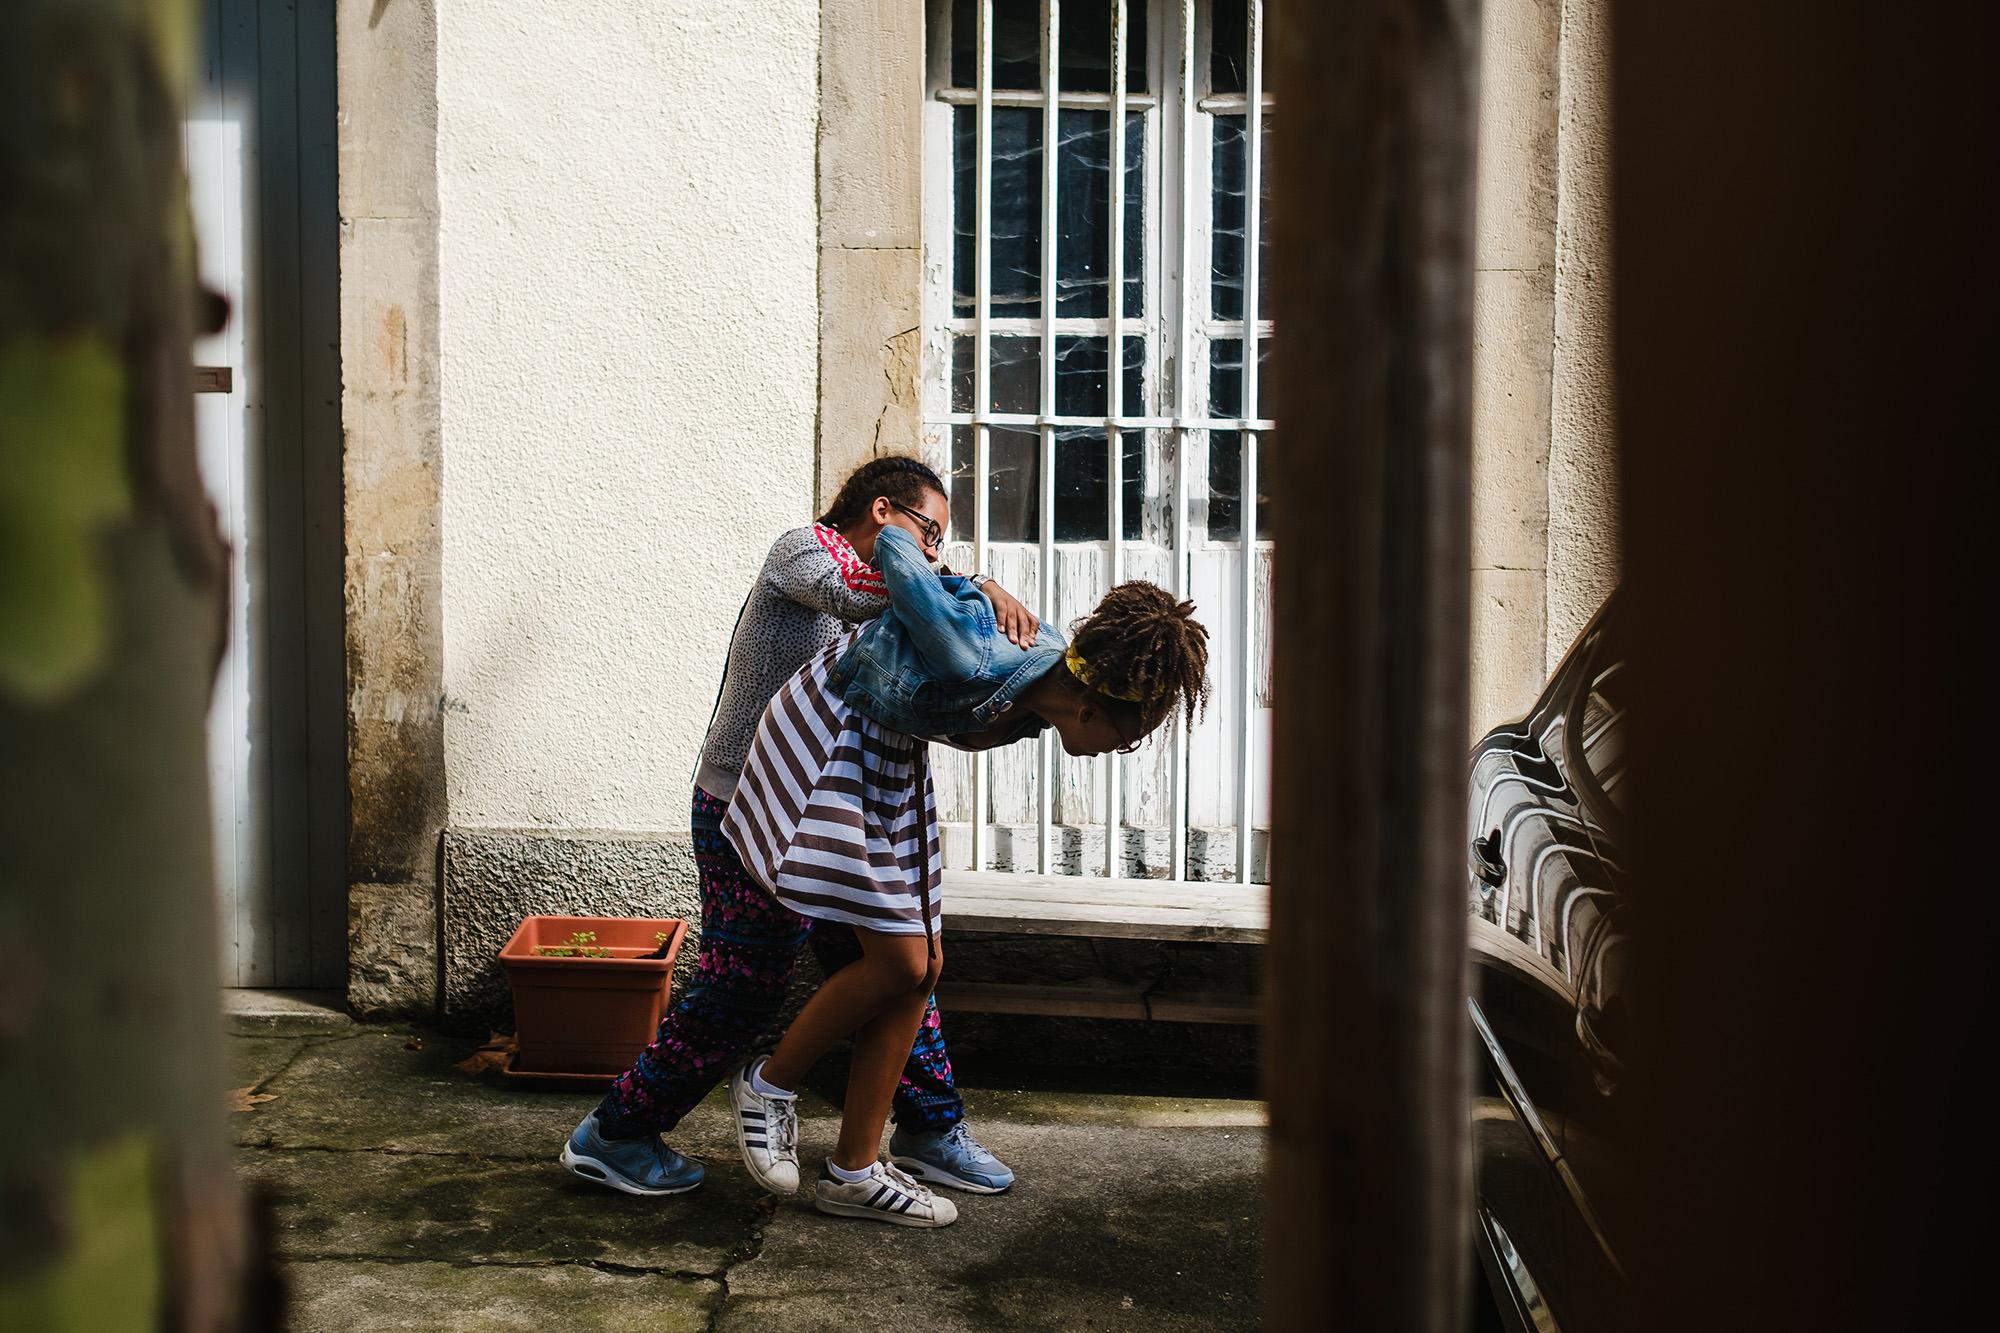 sisters fighting in an alleyway